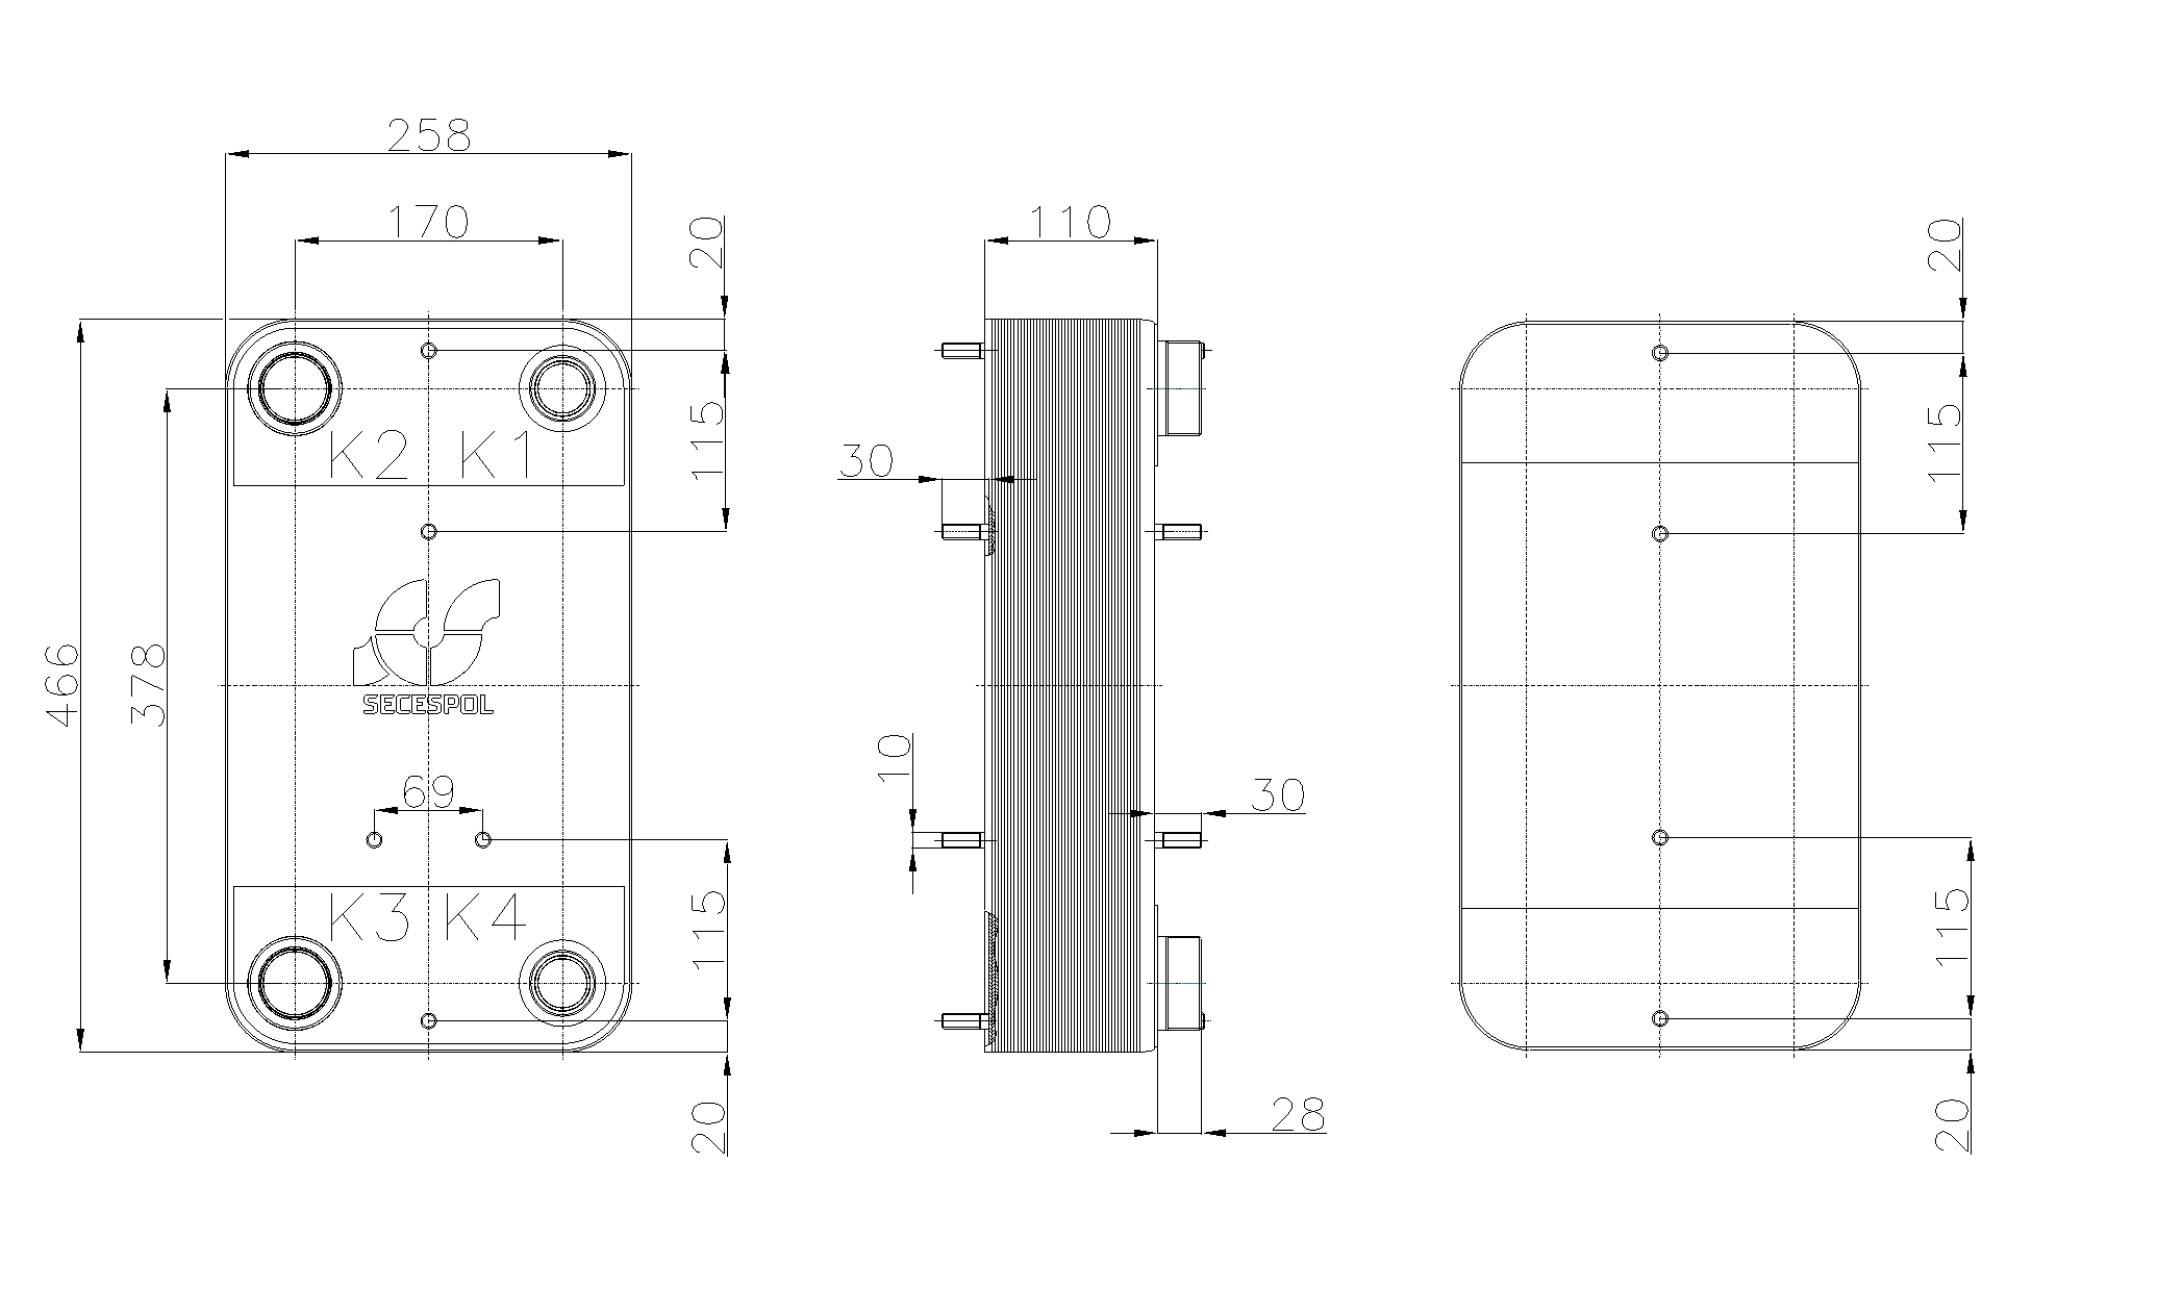 Габаритные размеры паяного пластинчатого теплообменника Secespol RC110-40L